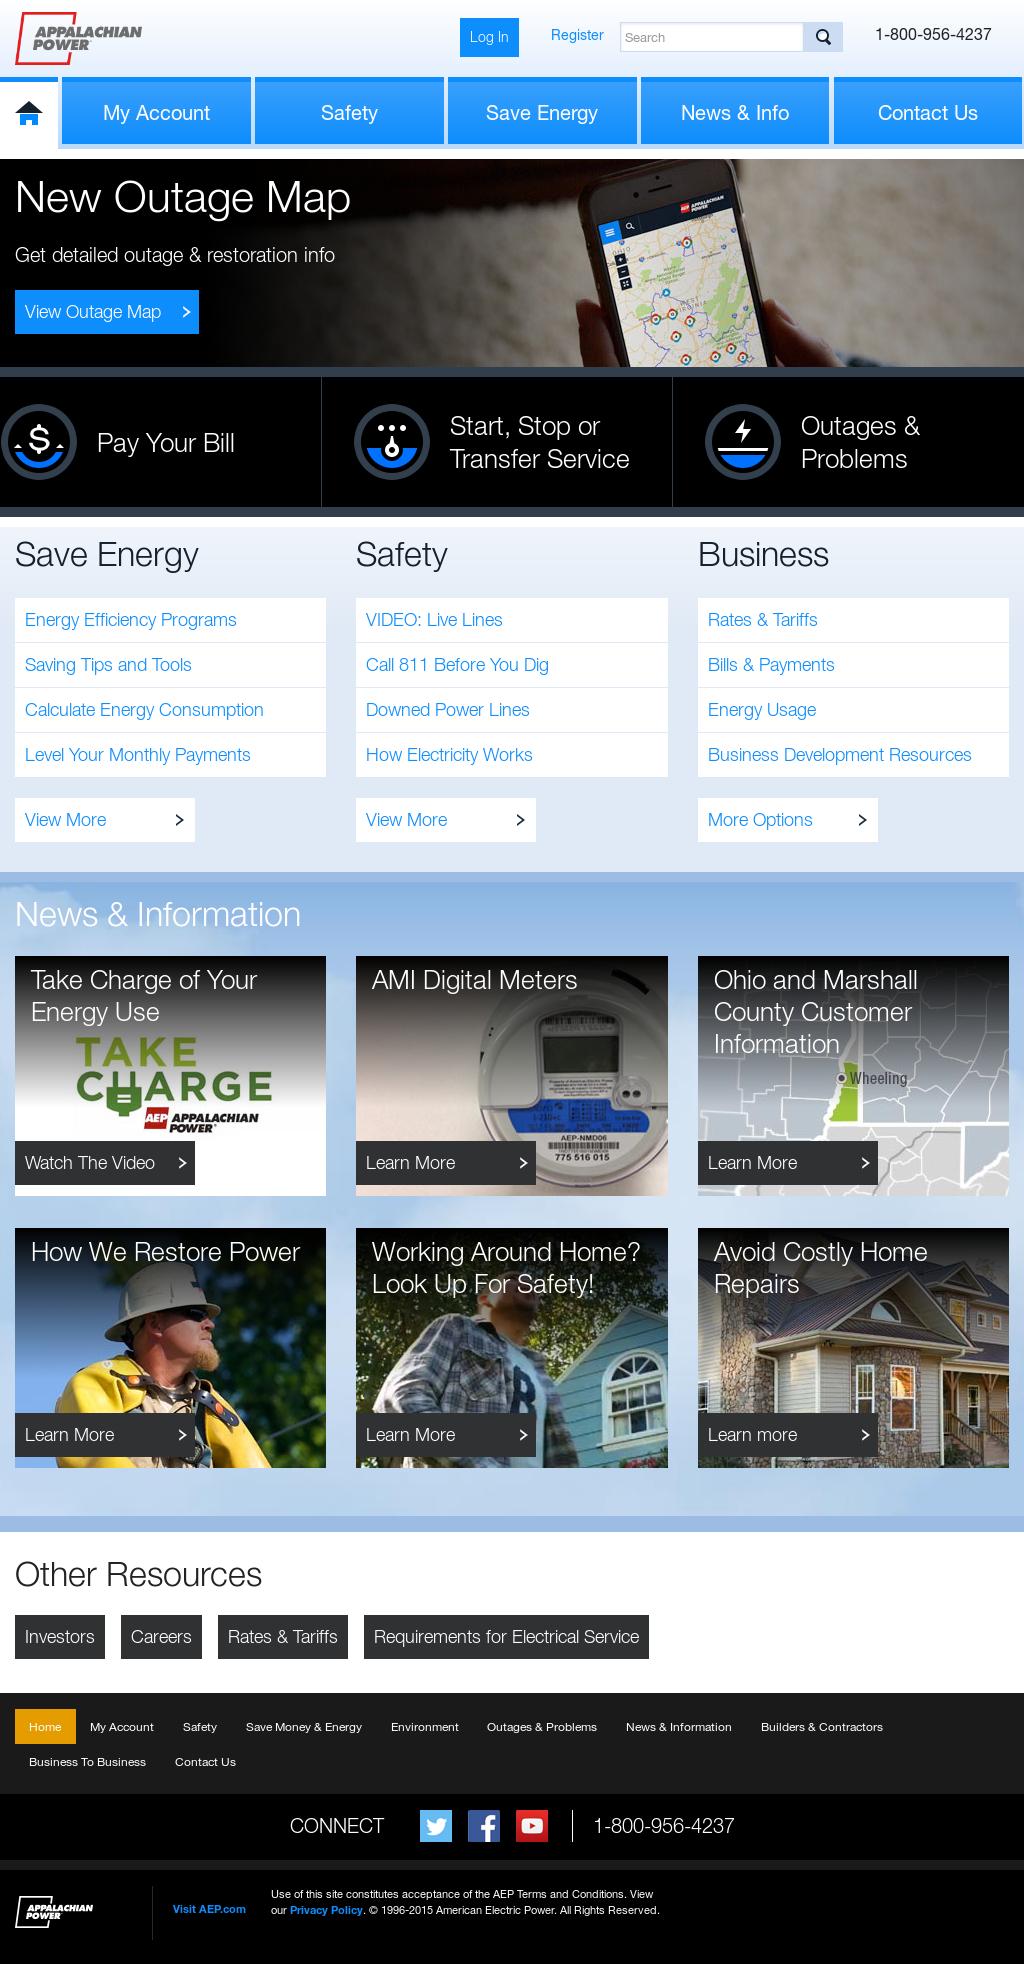 appalachian power's website screenshot on sep 2017